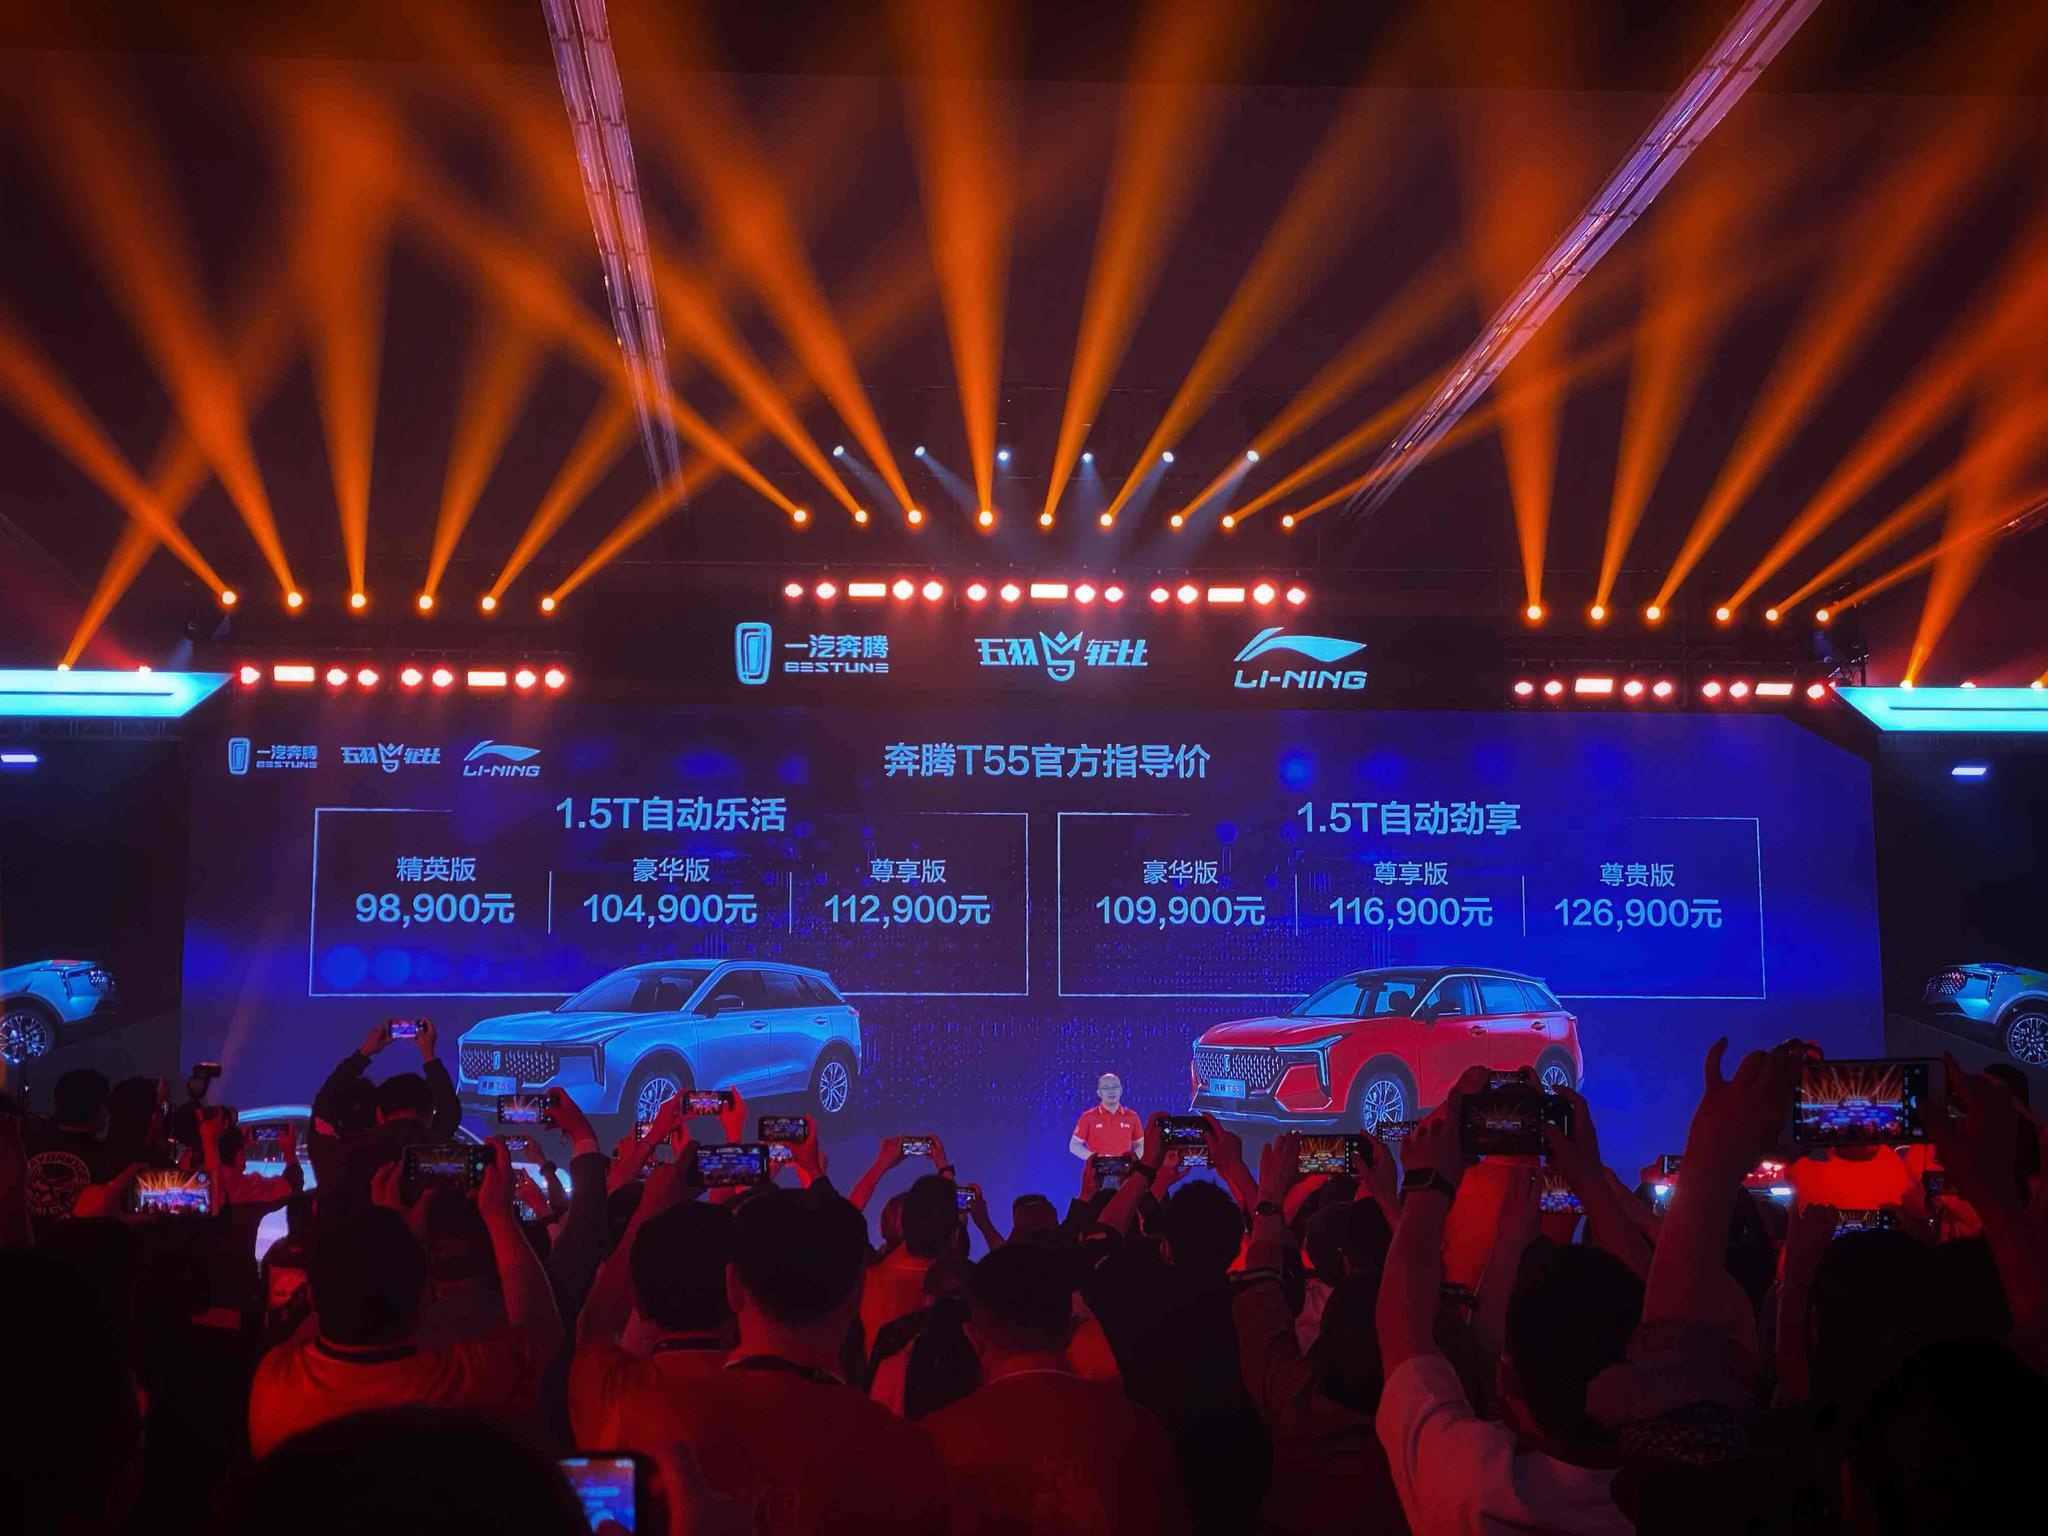 破圈携手李宁 奔腾T55全系正式上市 售9.89万元起